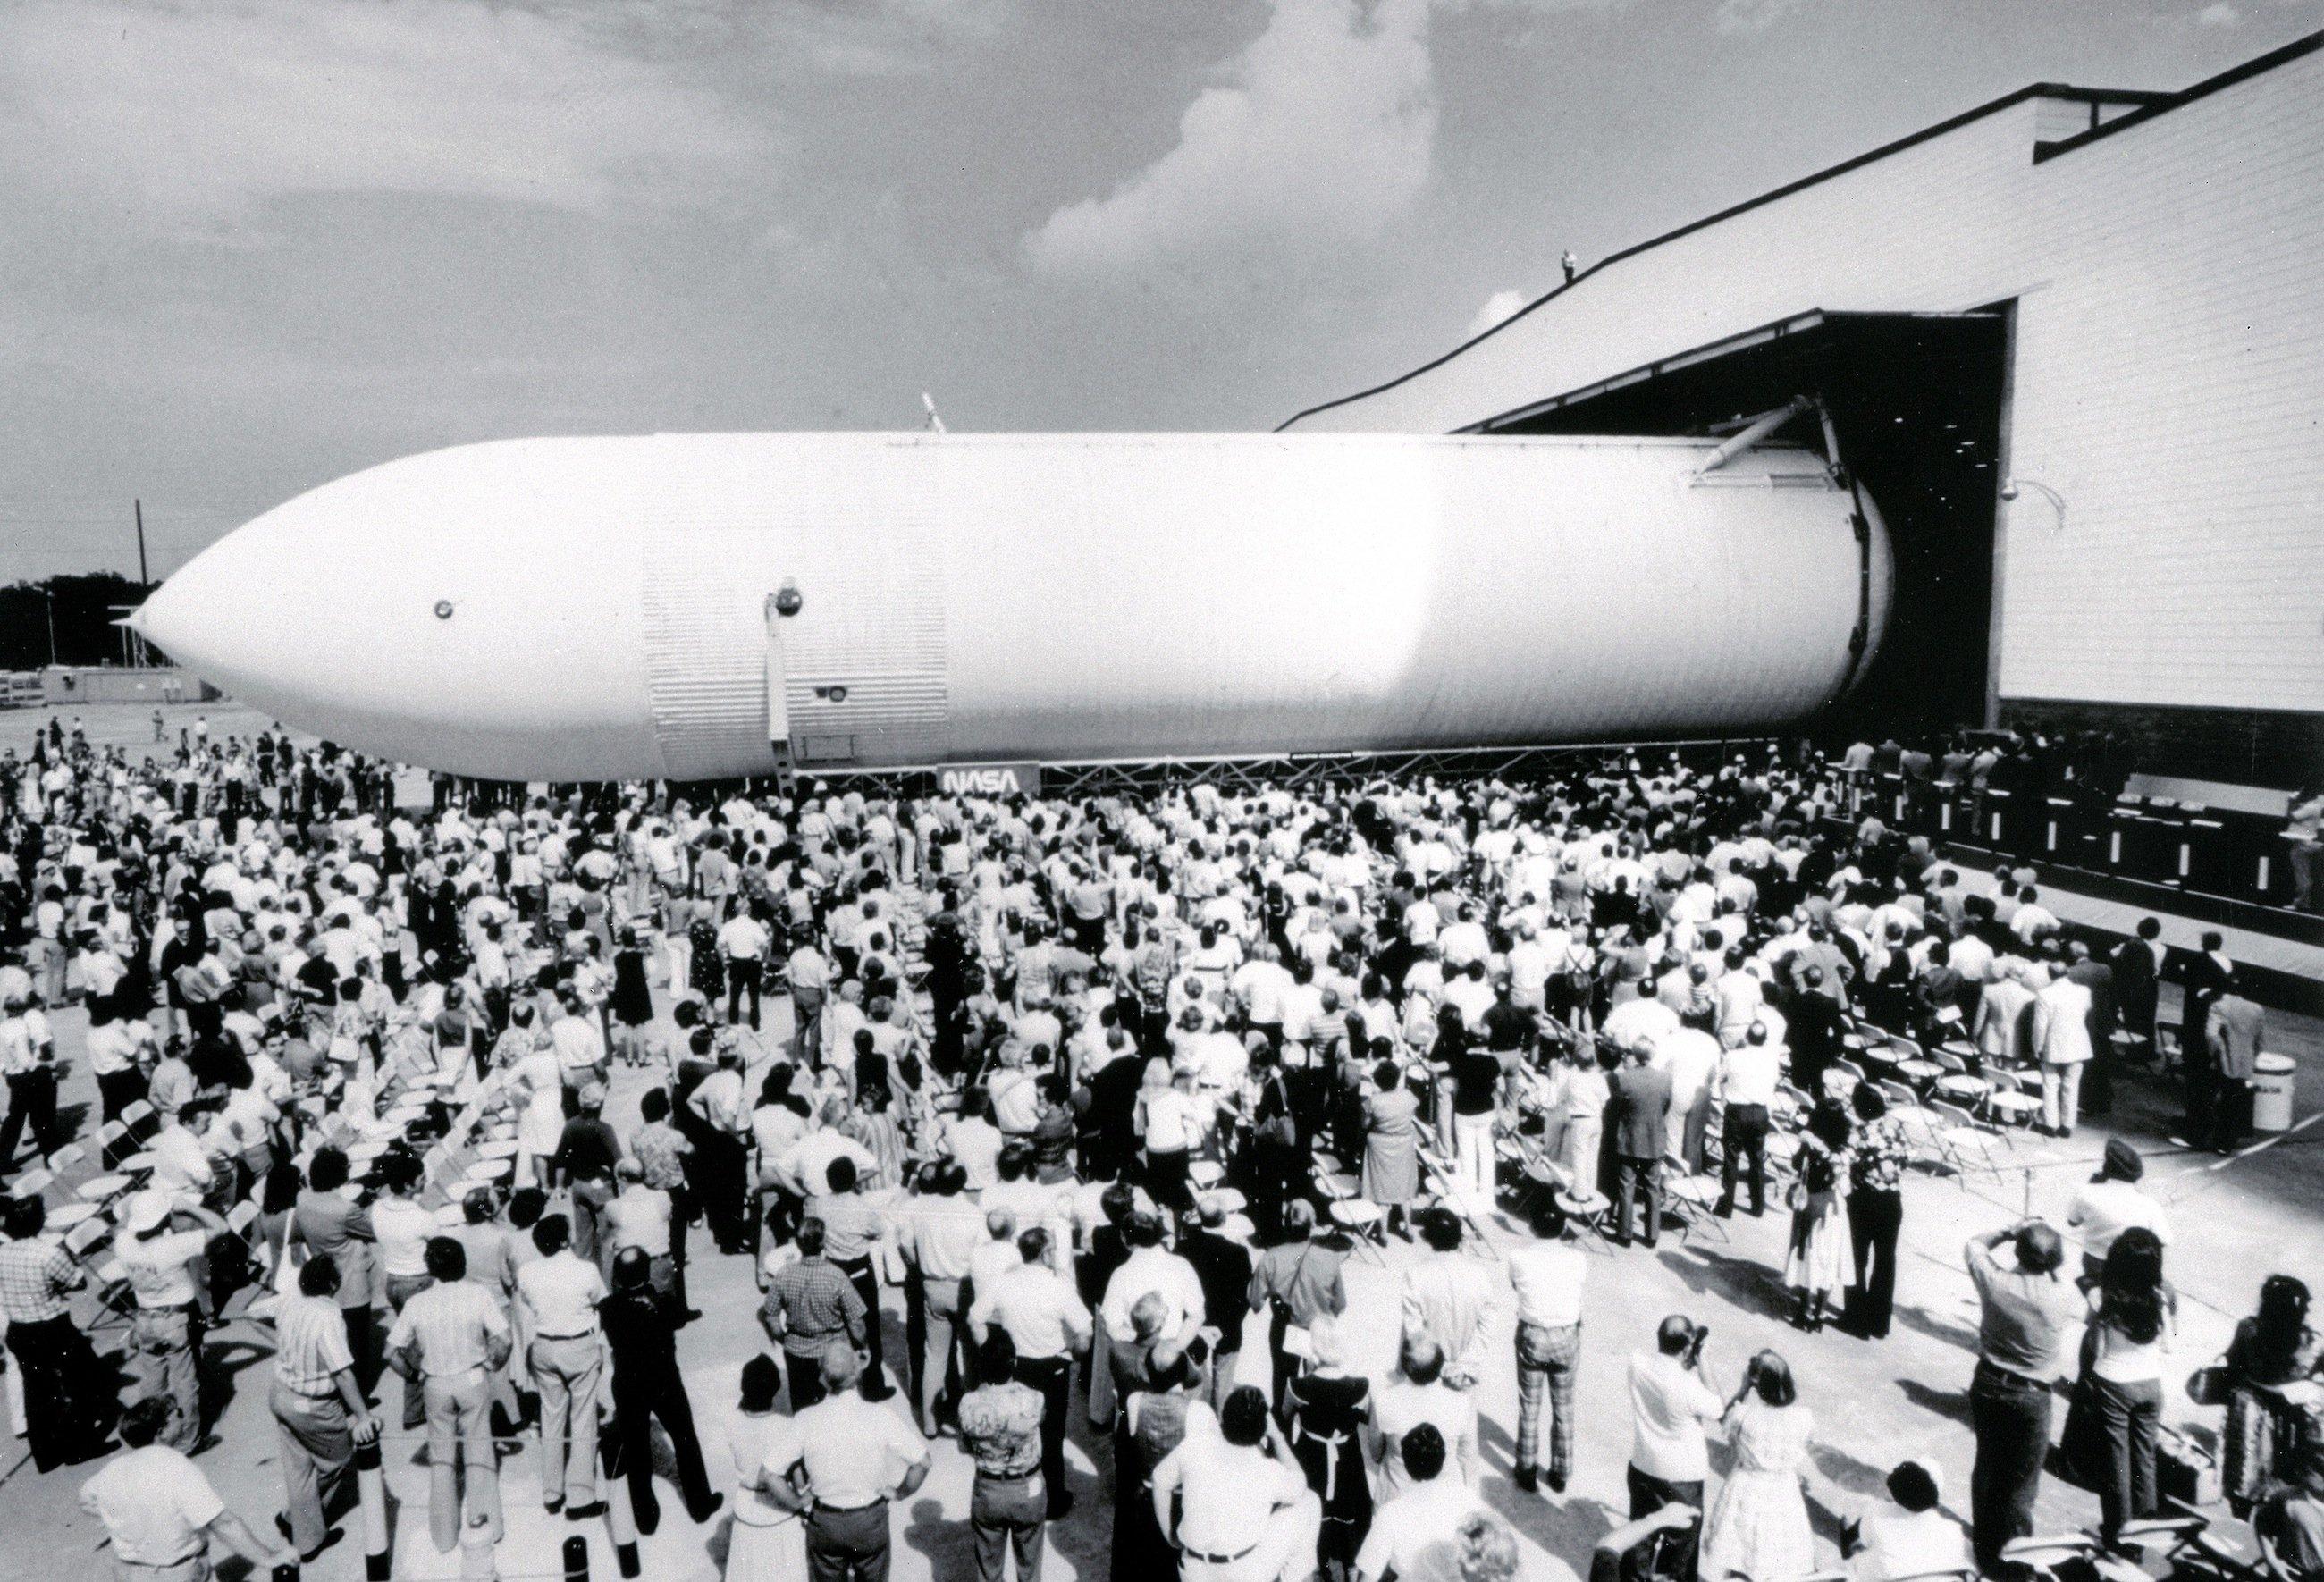 Außentank des ersten Space Shuttles bei der Präsentation 1977 in New Orleans: Die NASA hat Geräusche spektakulärer und historischer Ereignisse der Raumfahrt als Klingeltöne ins Internet gestellt.